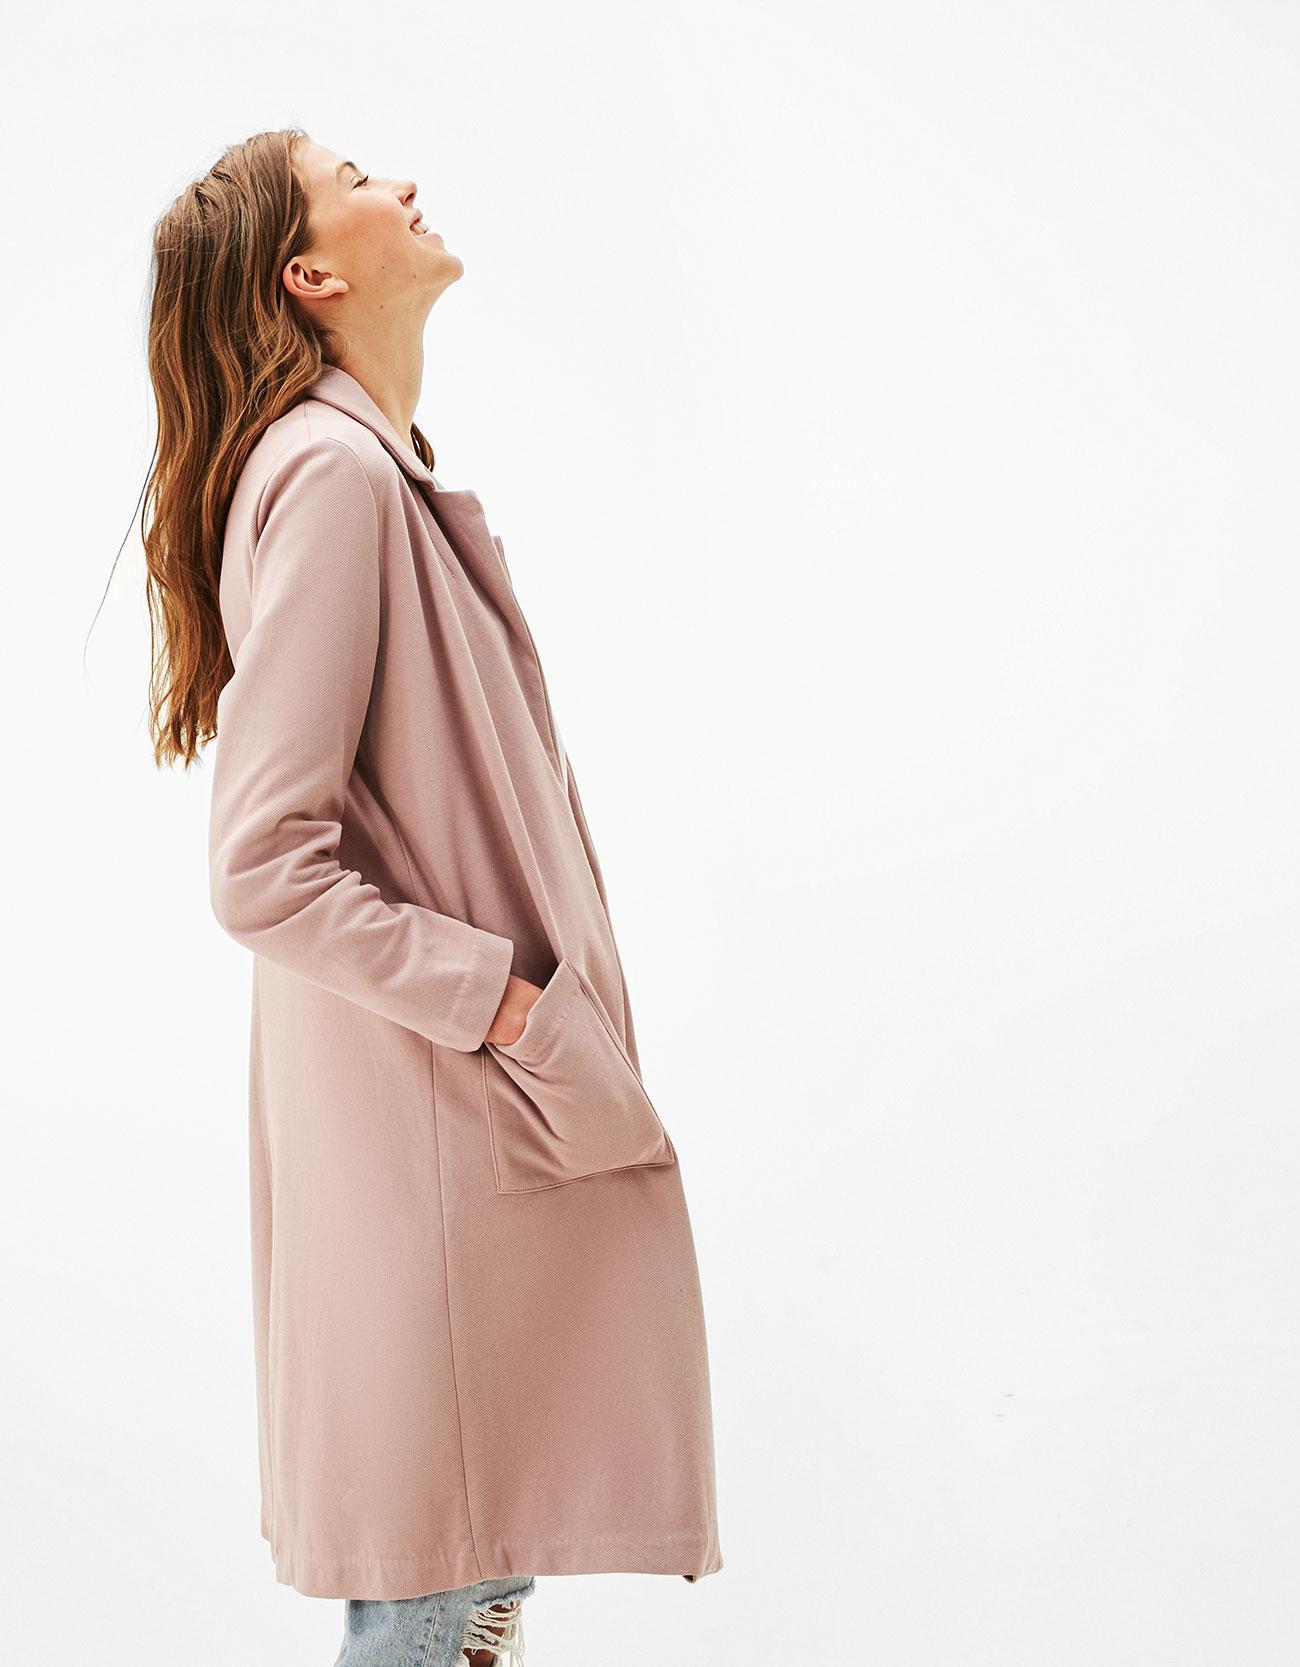 بالصور ملابس موضه , اجدد صيحات الموضة للملابس 3680 4